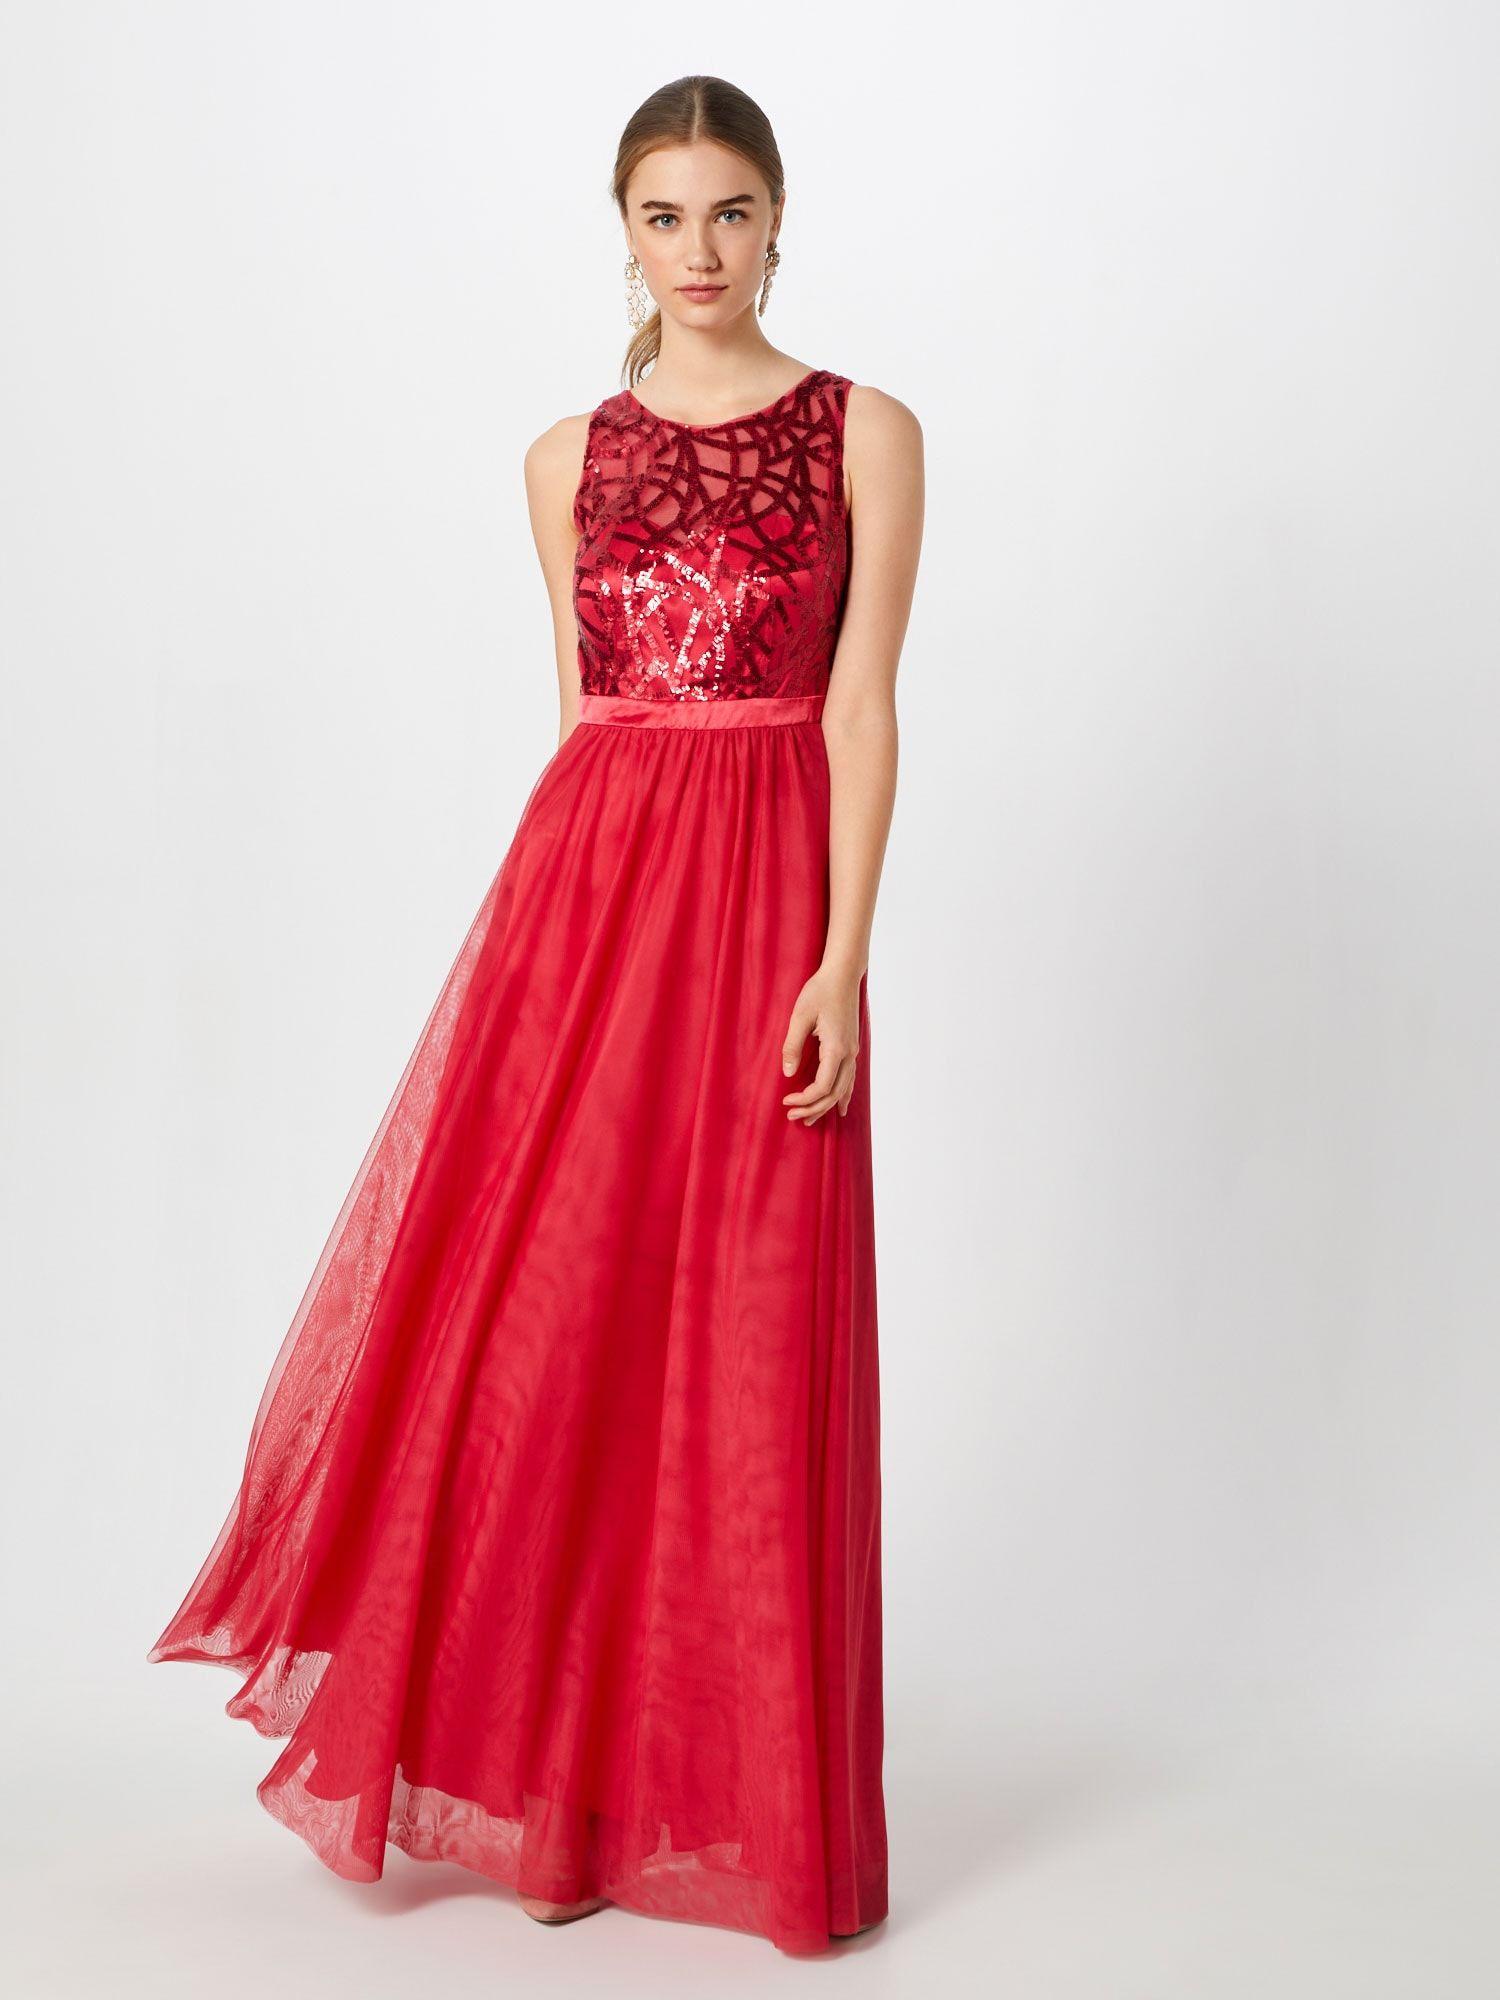 VM Vera Mont Kleid Damen, Hellrot, Größe 12  Formelle kleider